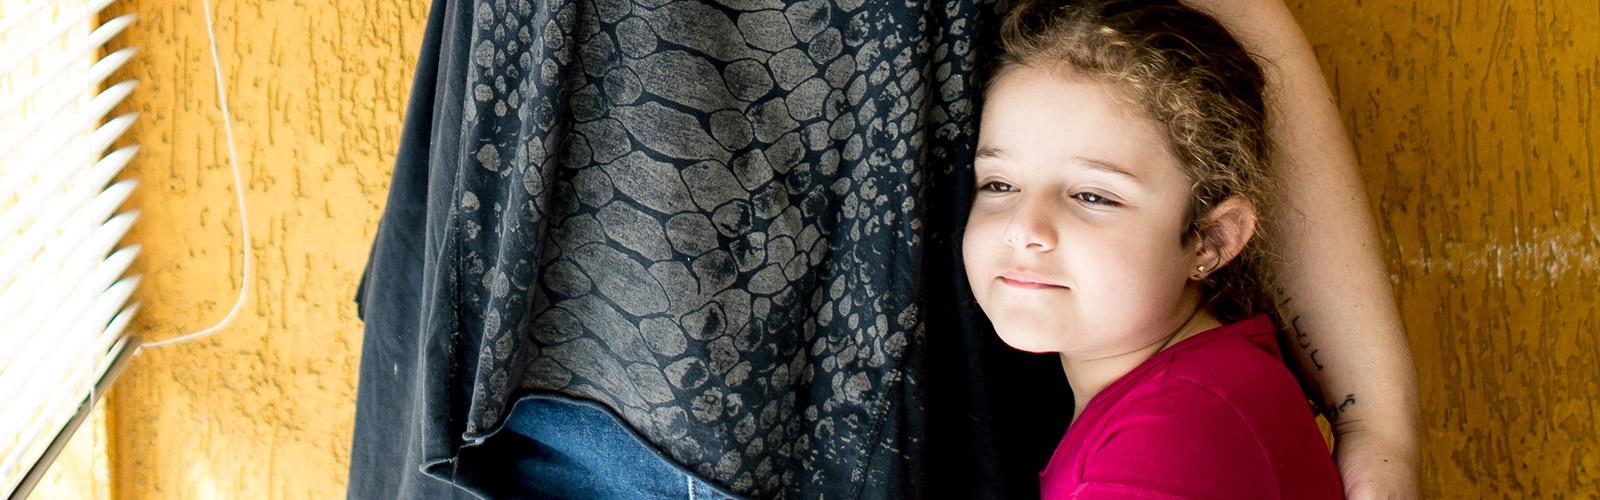 En fire år gammel jente smiler på rommet sitt, godt beskyttet av morens arm.